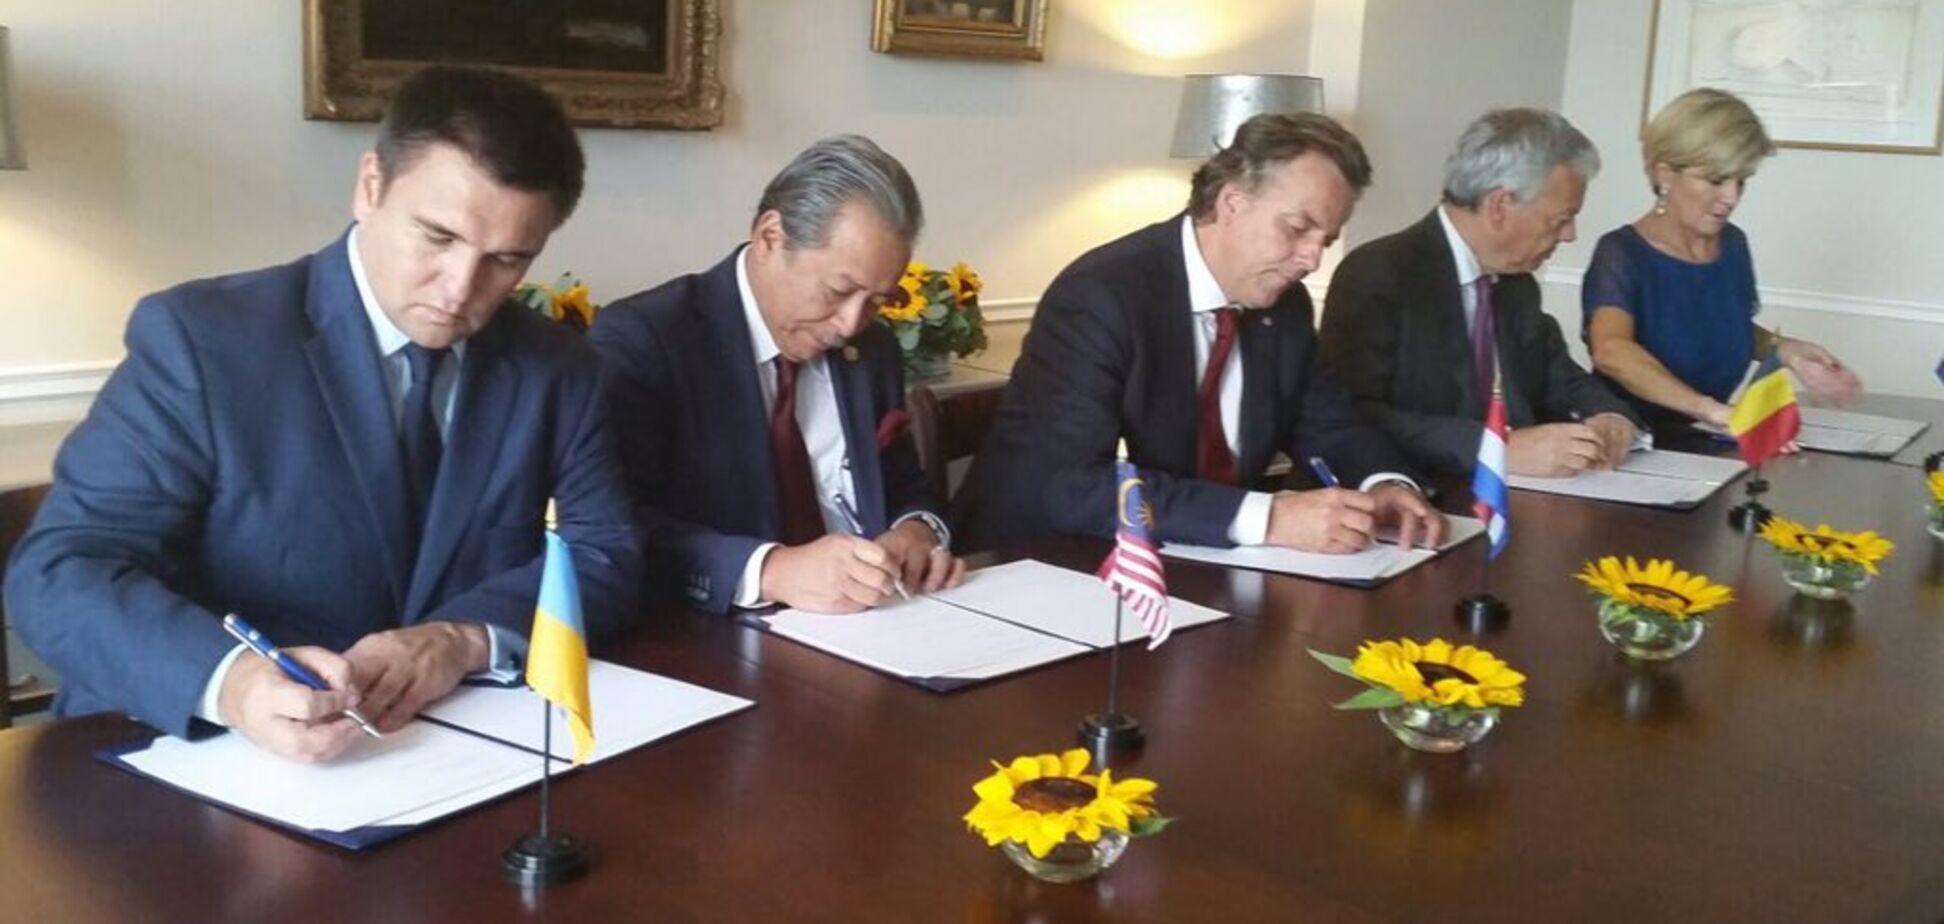 Розслідування загибелі MH17: Україна і ще чотири країни підписали важливий меморандум